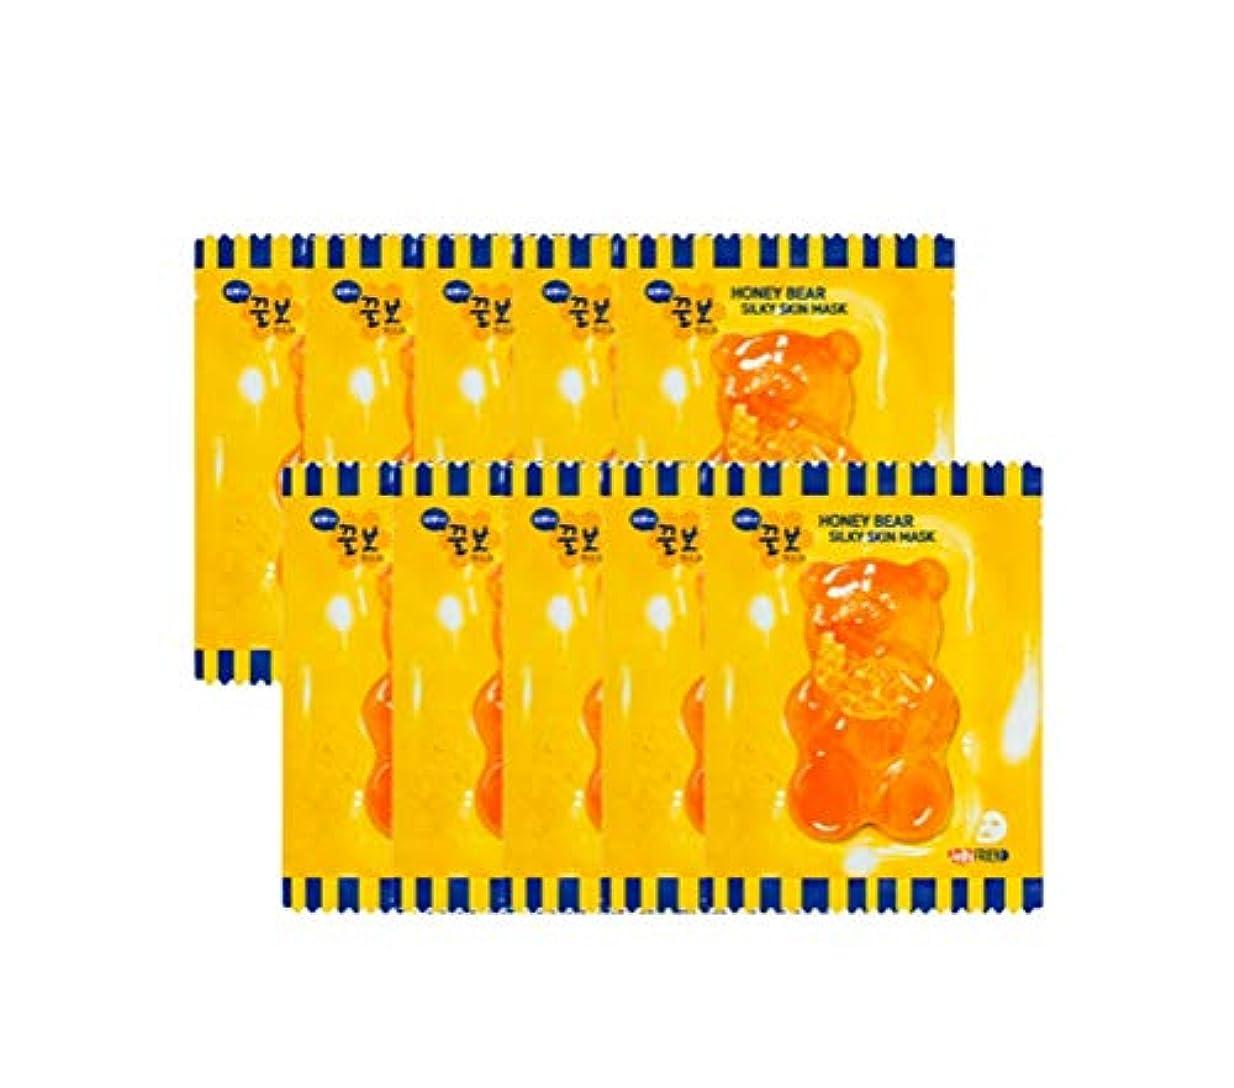 マリン先史時代の連帯JellyFRIEN Honey Bear Silky Skin Mask 10ea ロイヤルゼリー蜂蜜成分と保湿マスクパック(海外直送品)